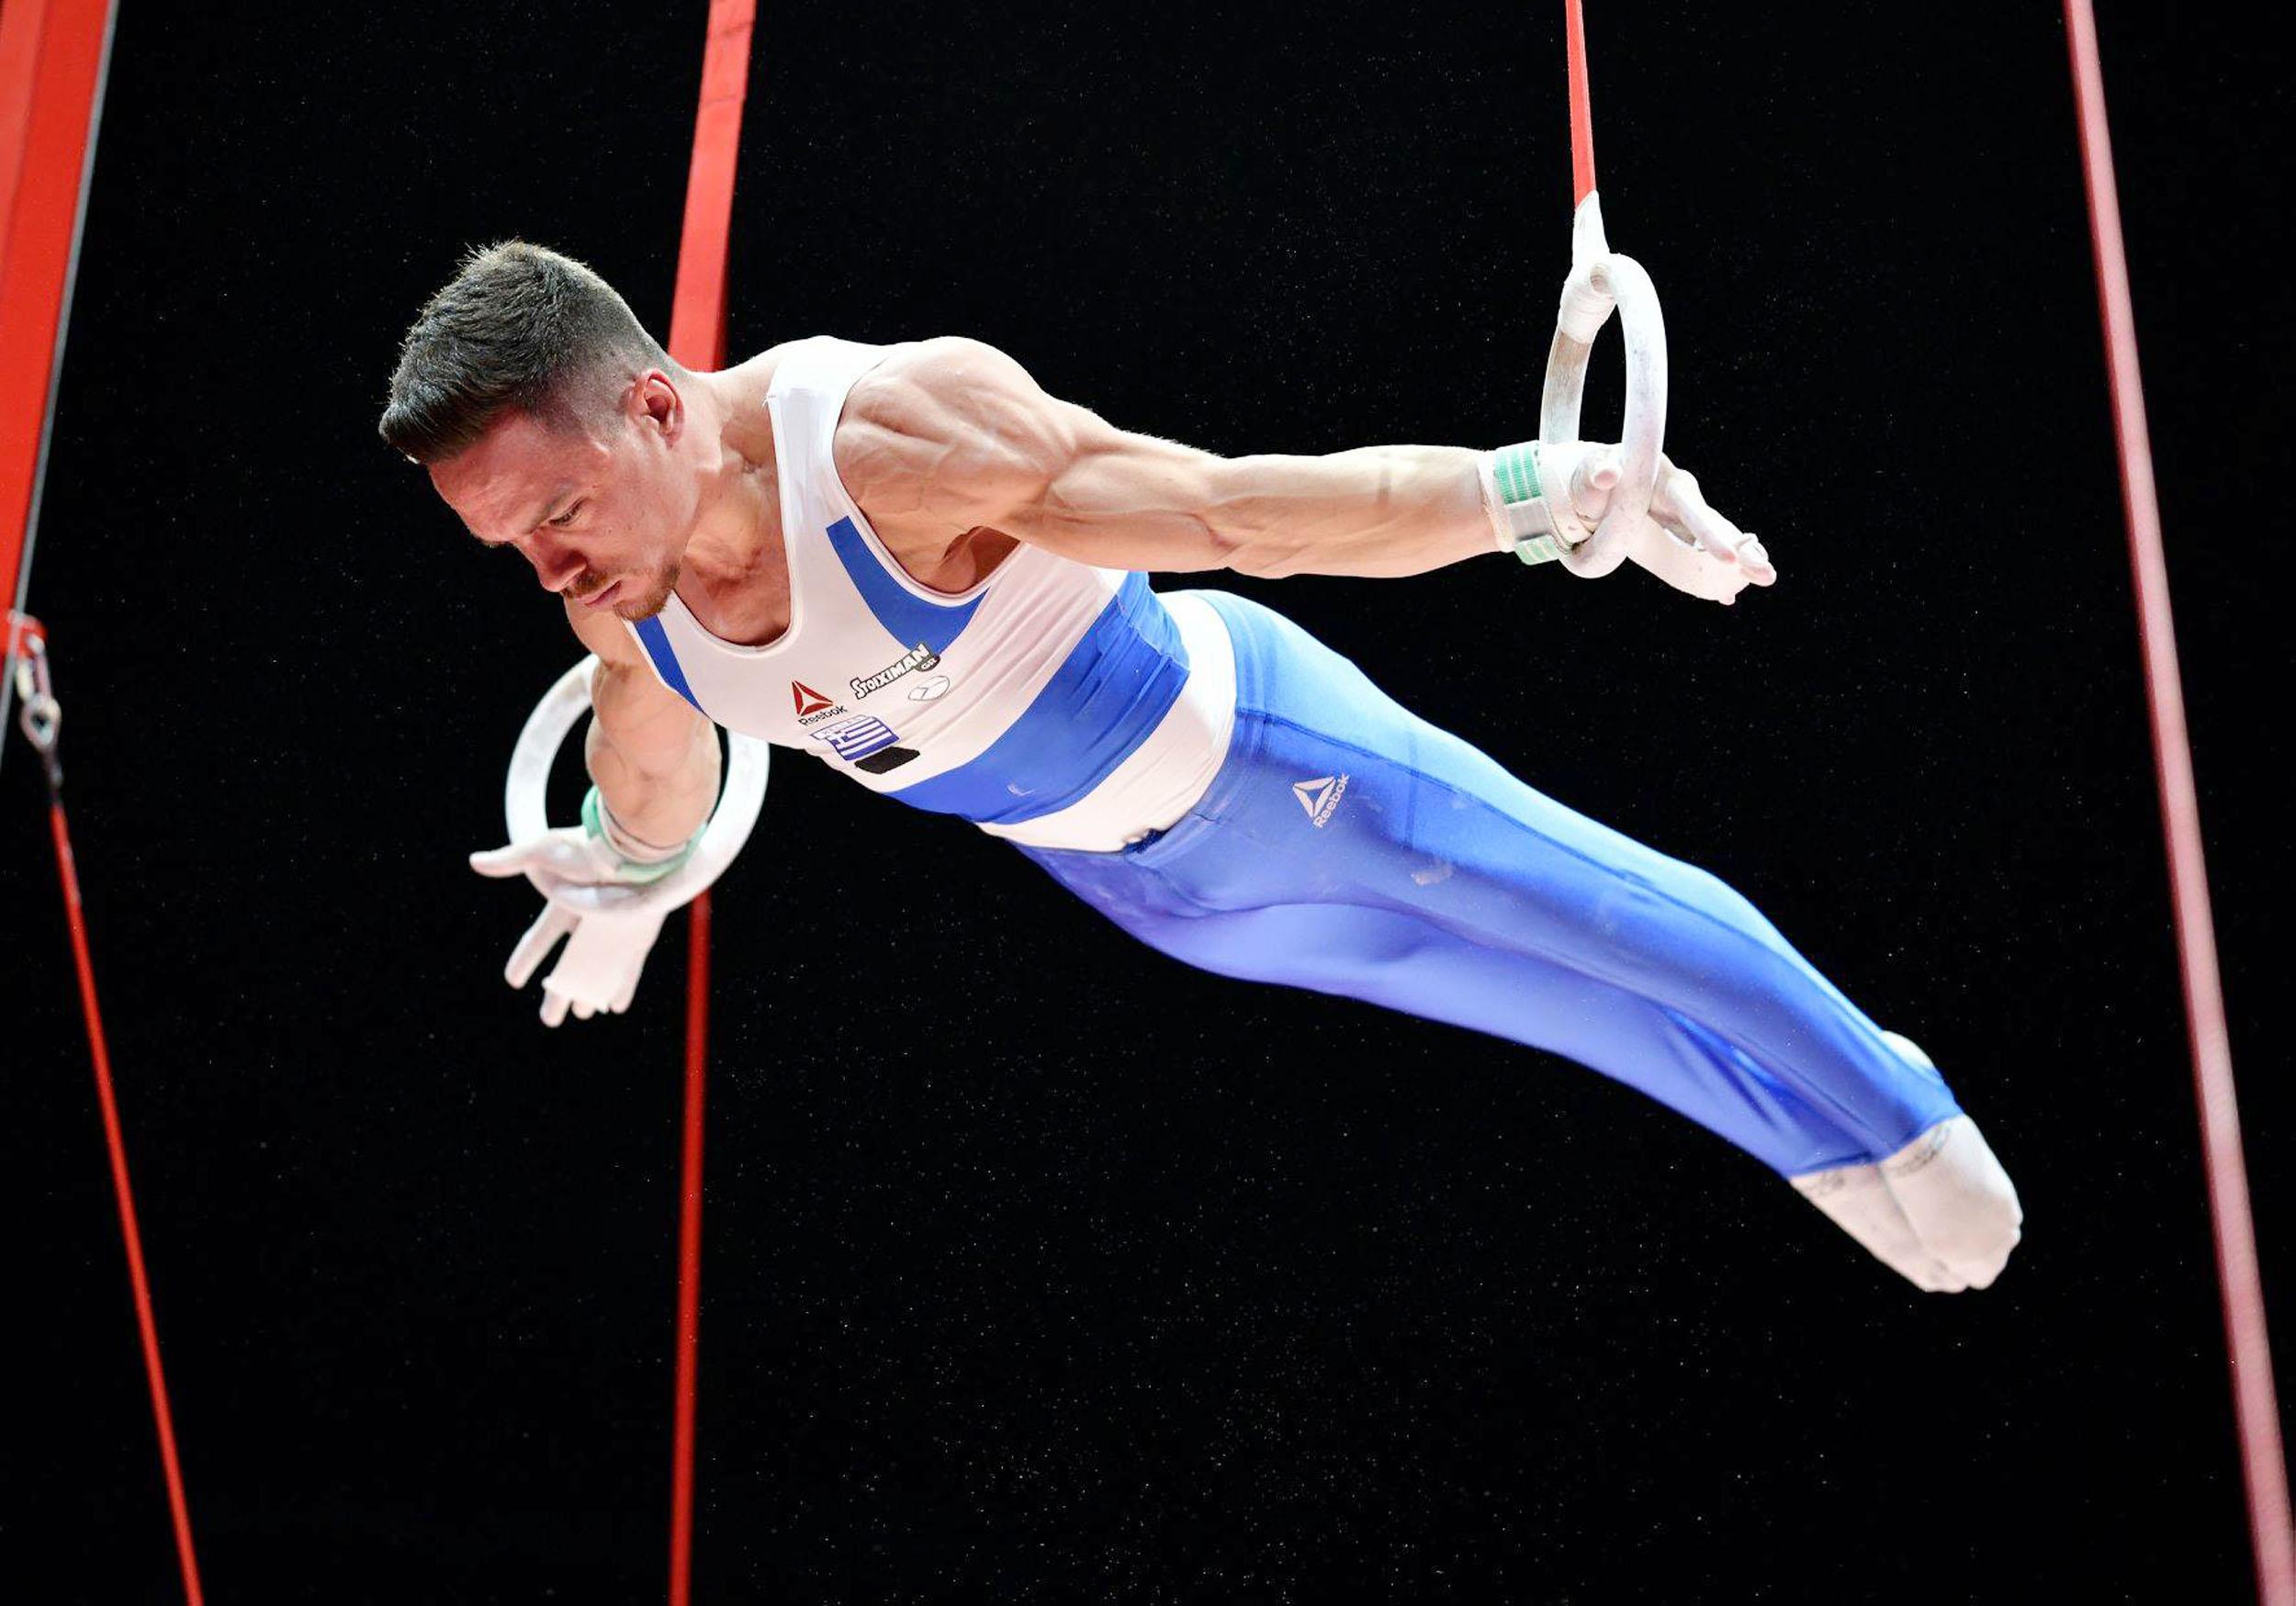 Ο Λευτέρης Πετρούνιας αναχωρεί για Τόκιο – Το πρόγραμμα της ενόργανης στους Ολυμπιακούς Αγώνες